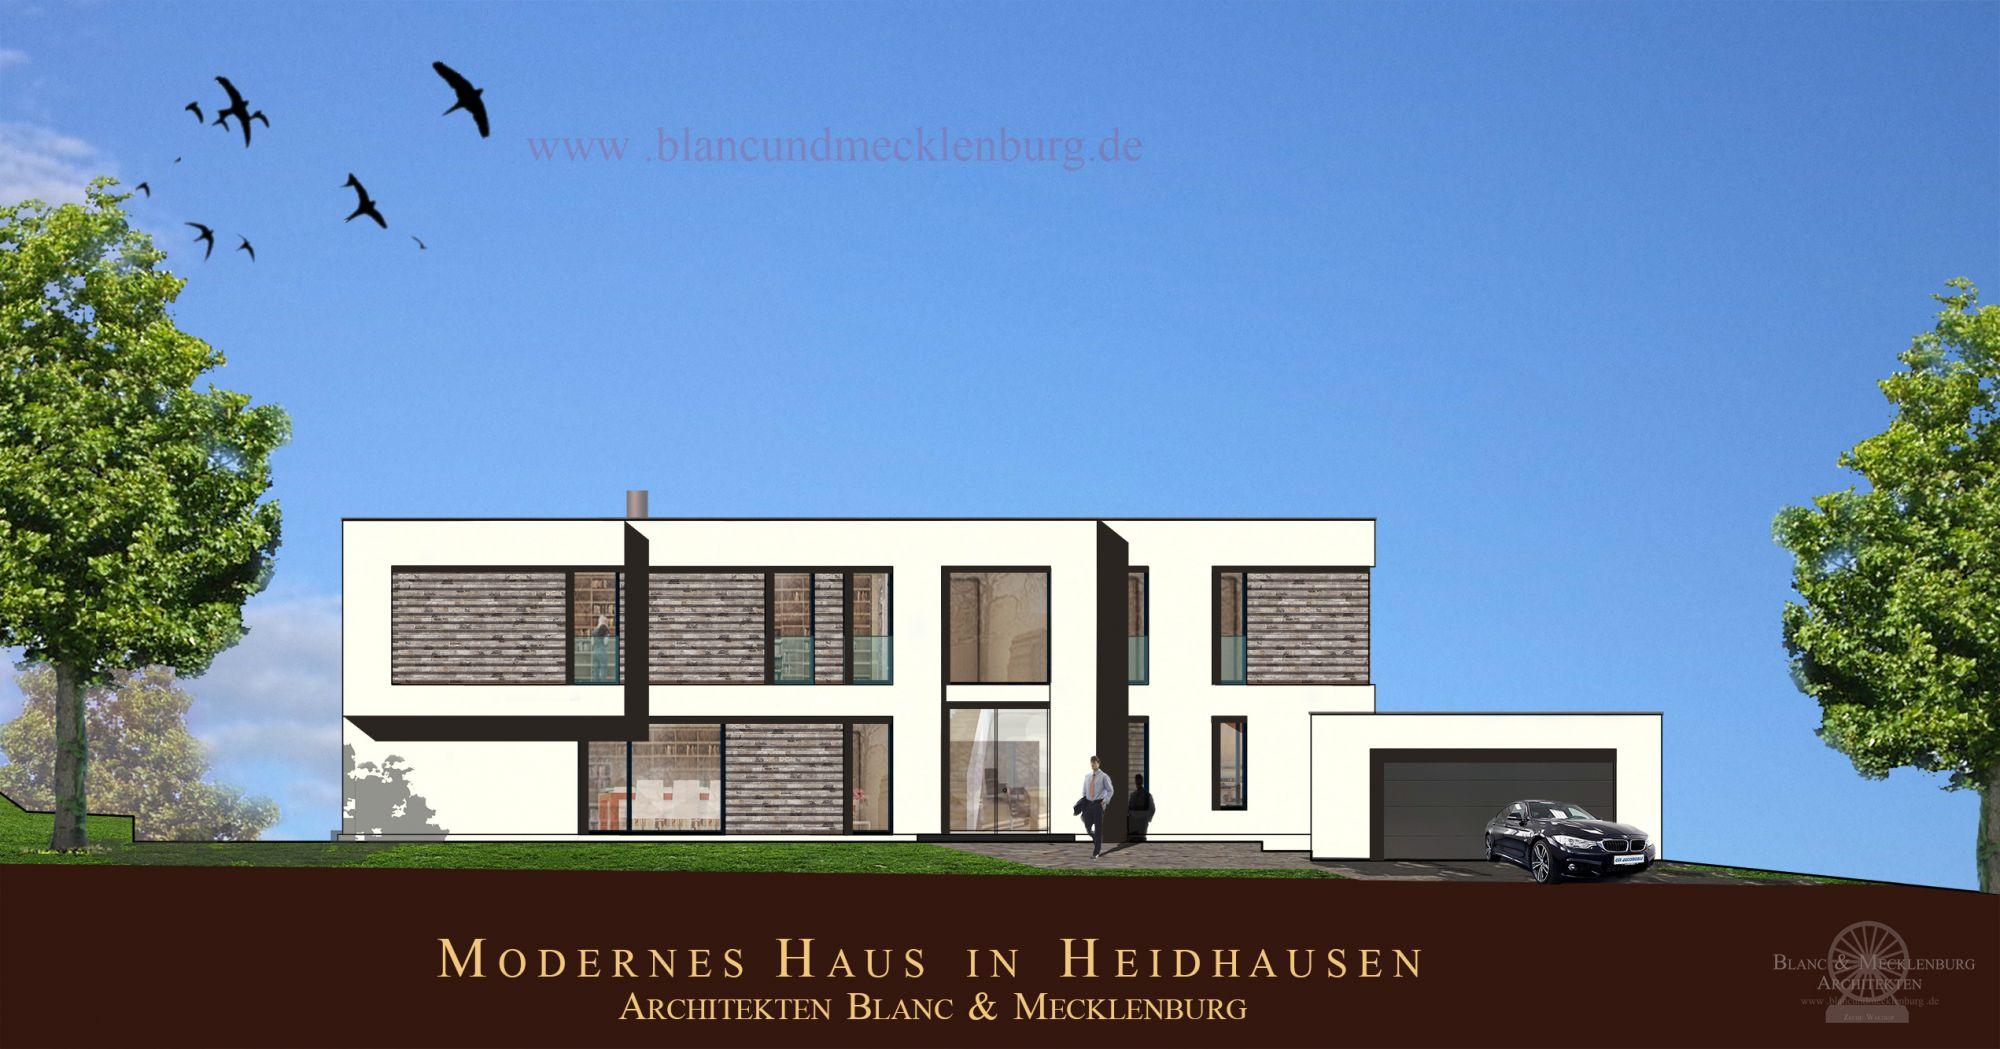 Modernes Haus in Heidhausen - Architekten Blanc & Mecklenburg